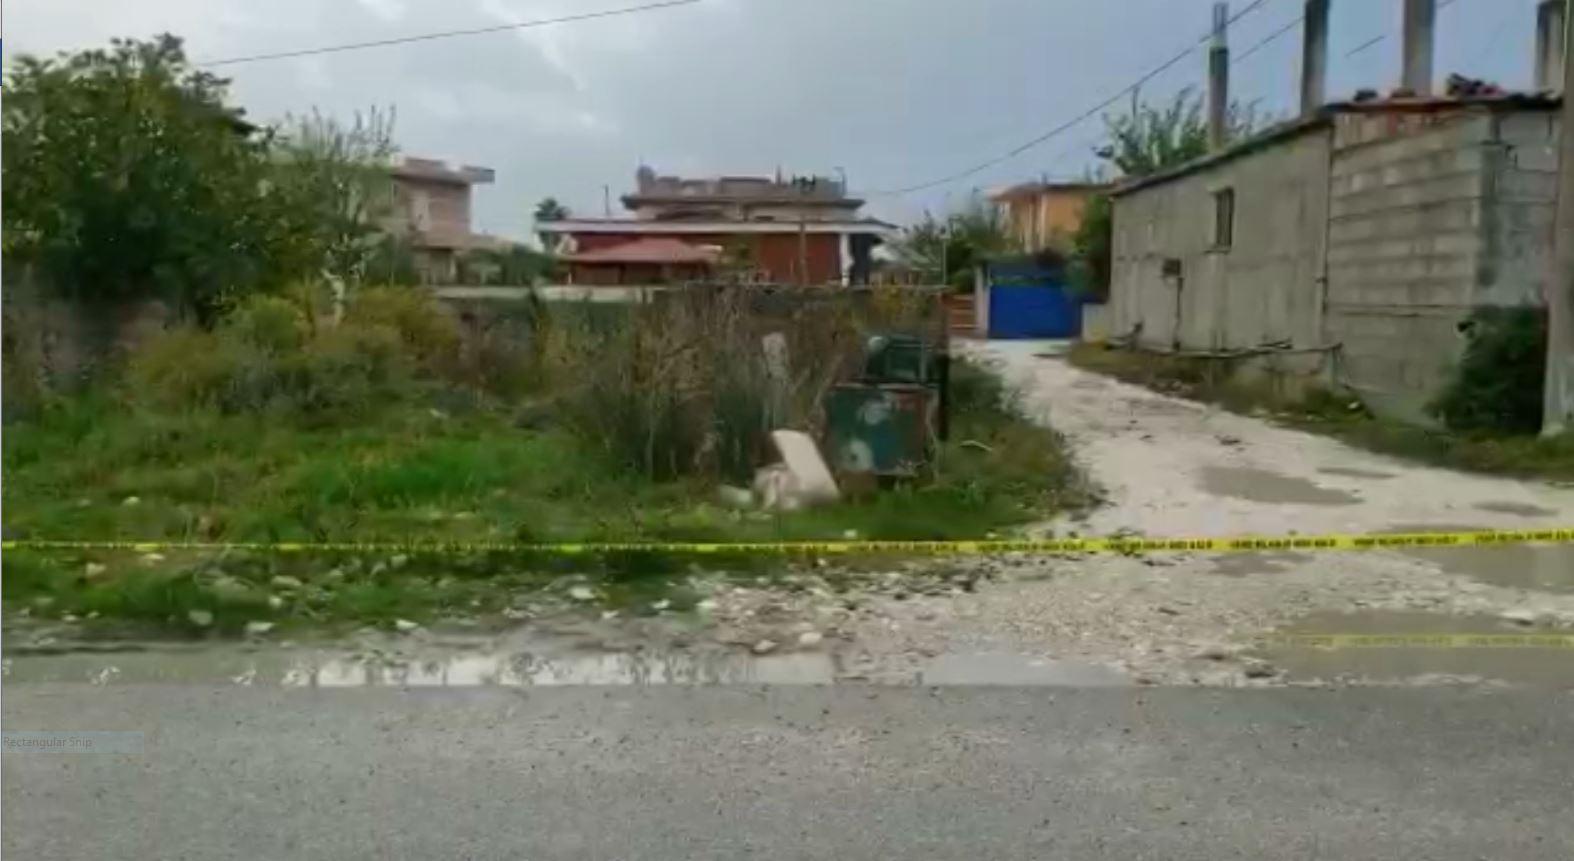 Një plagë në shpatull, çfarë i shkaktoi vdekjen 34 vjeçarit të gjetur pajetë në Vlorë